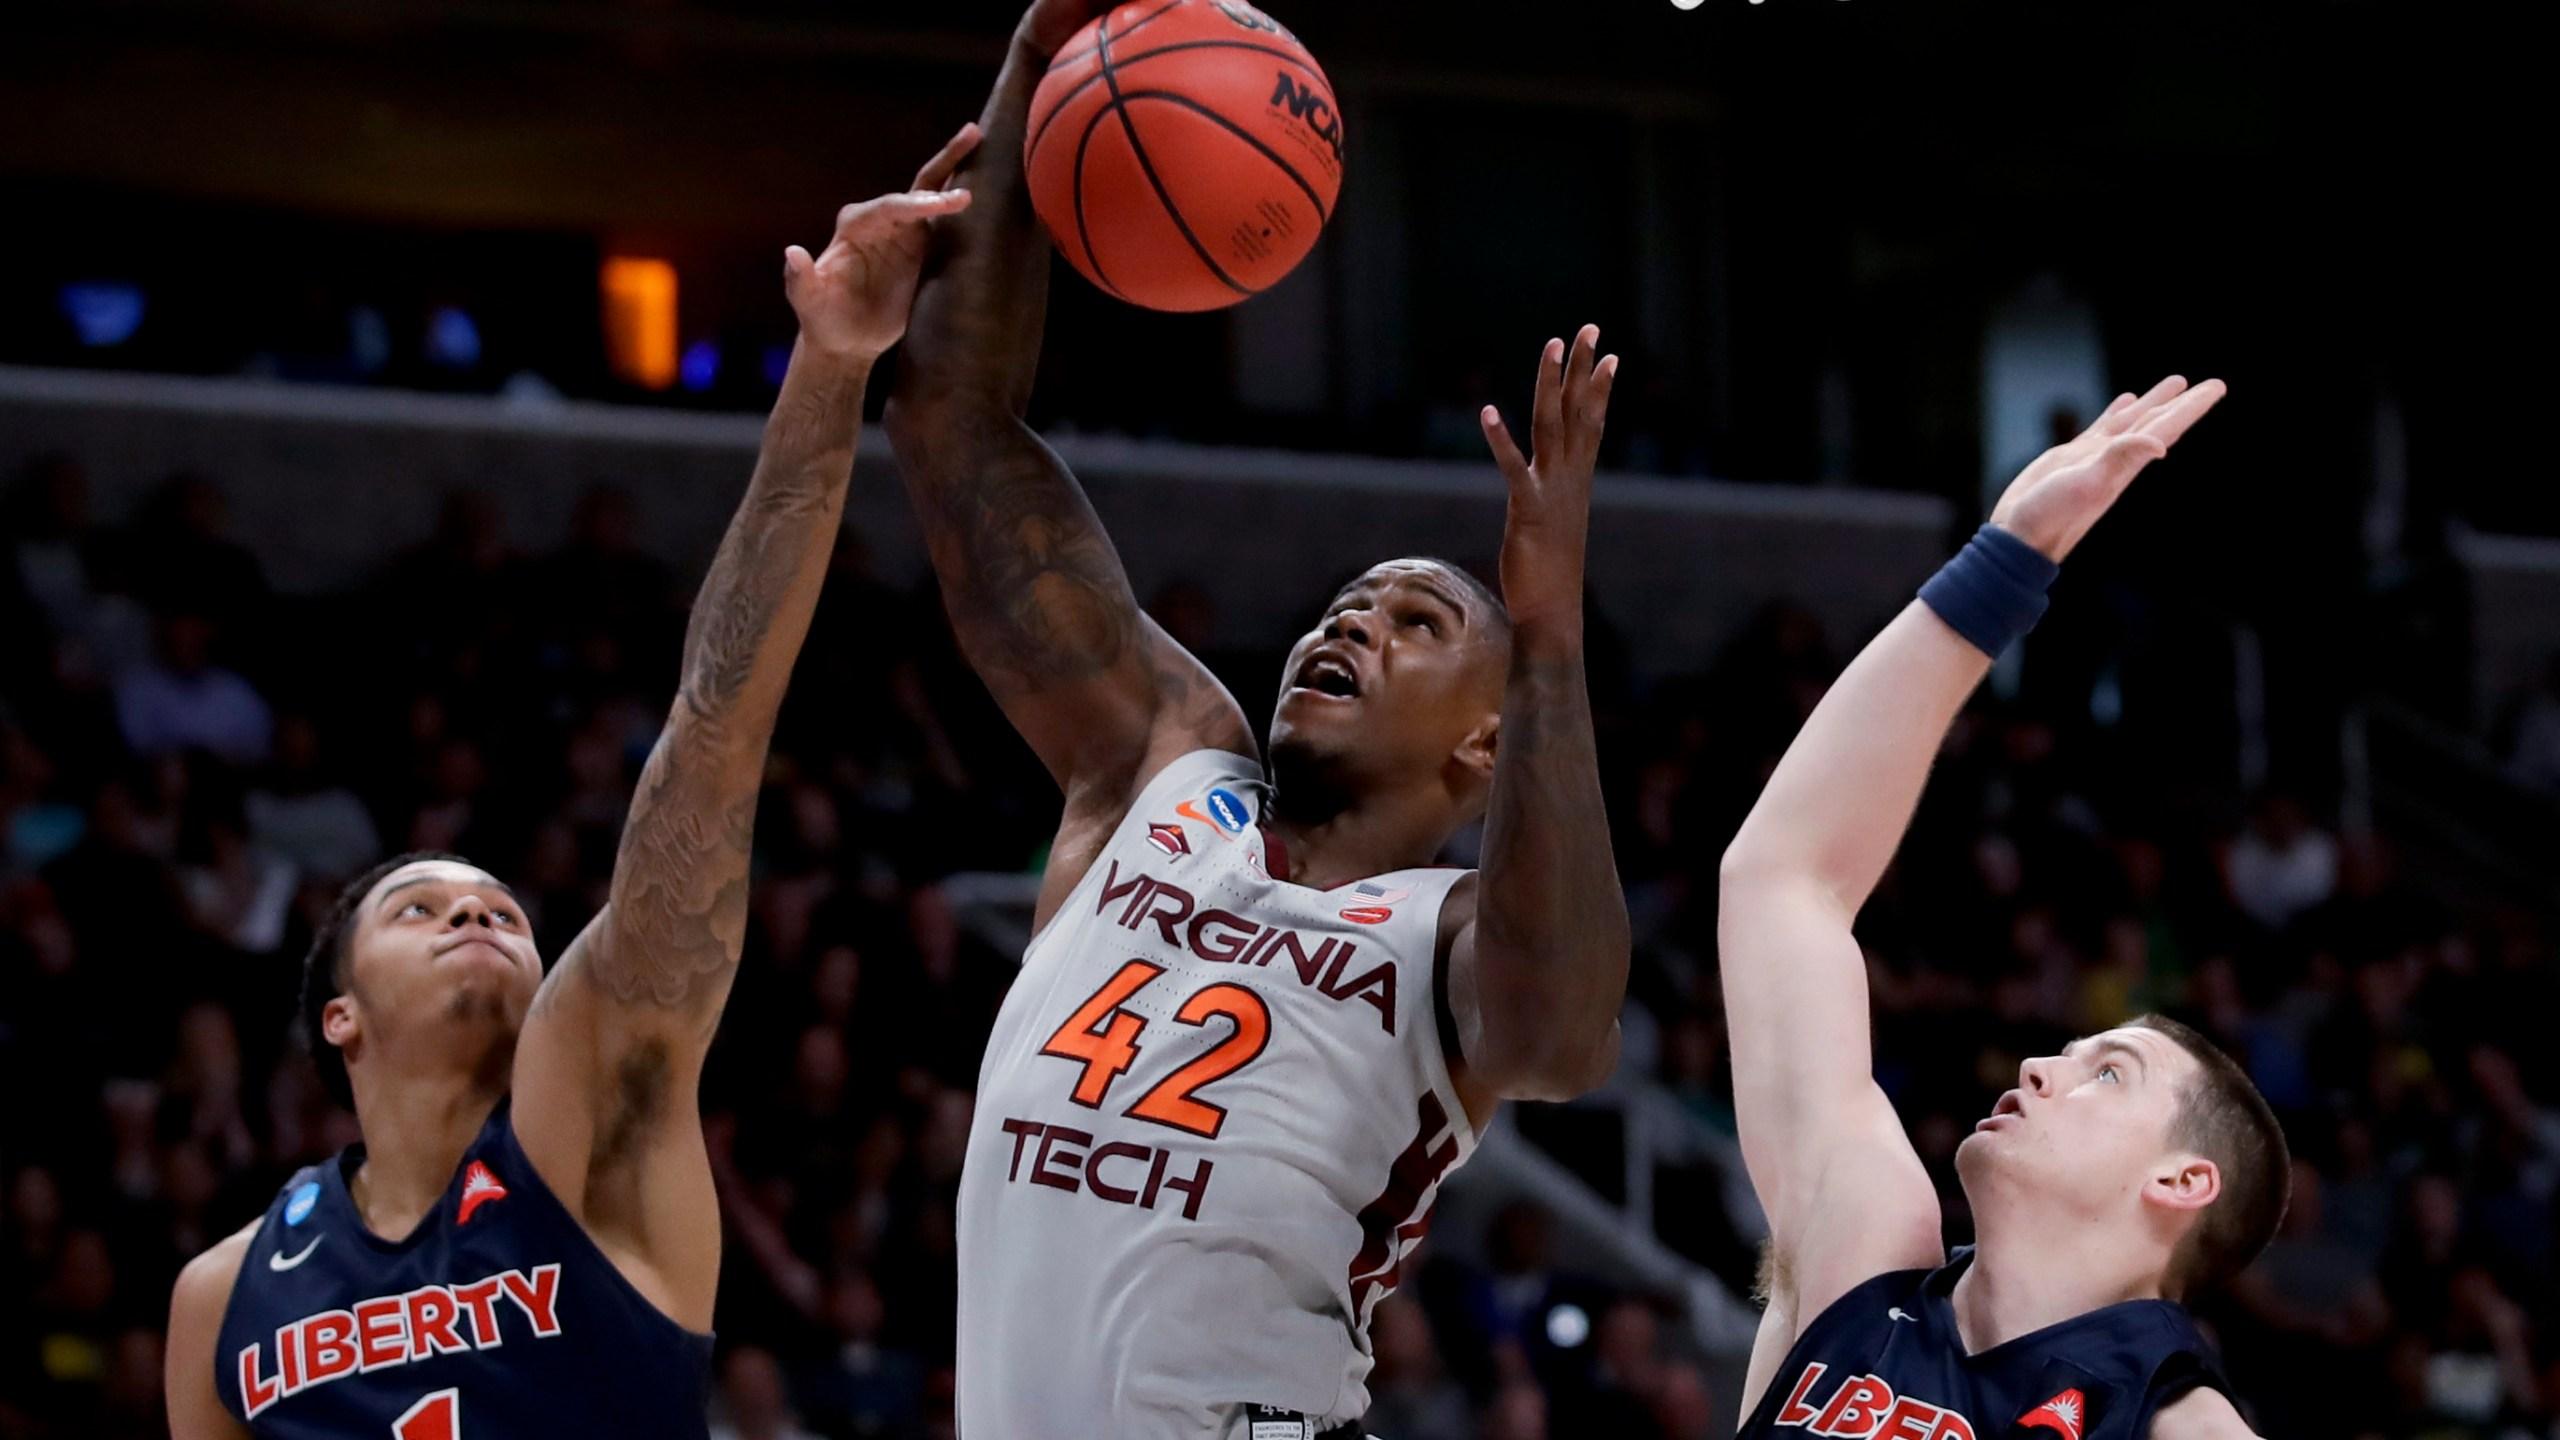 NCAA Liberty Virginia Tech Basketball_1553743010774